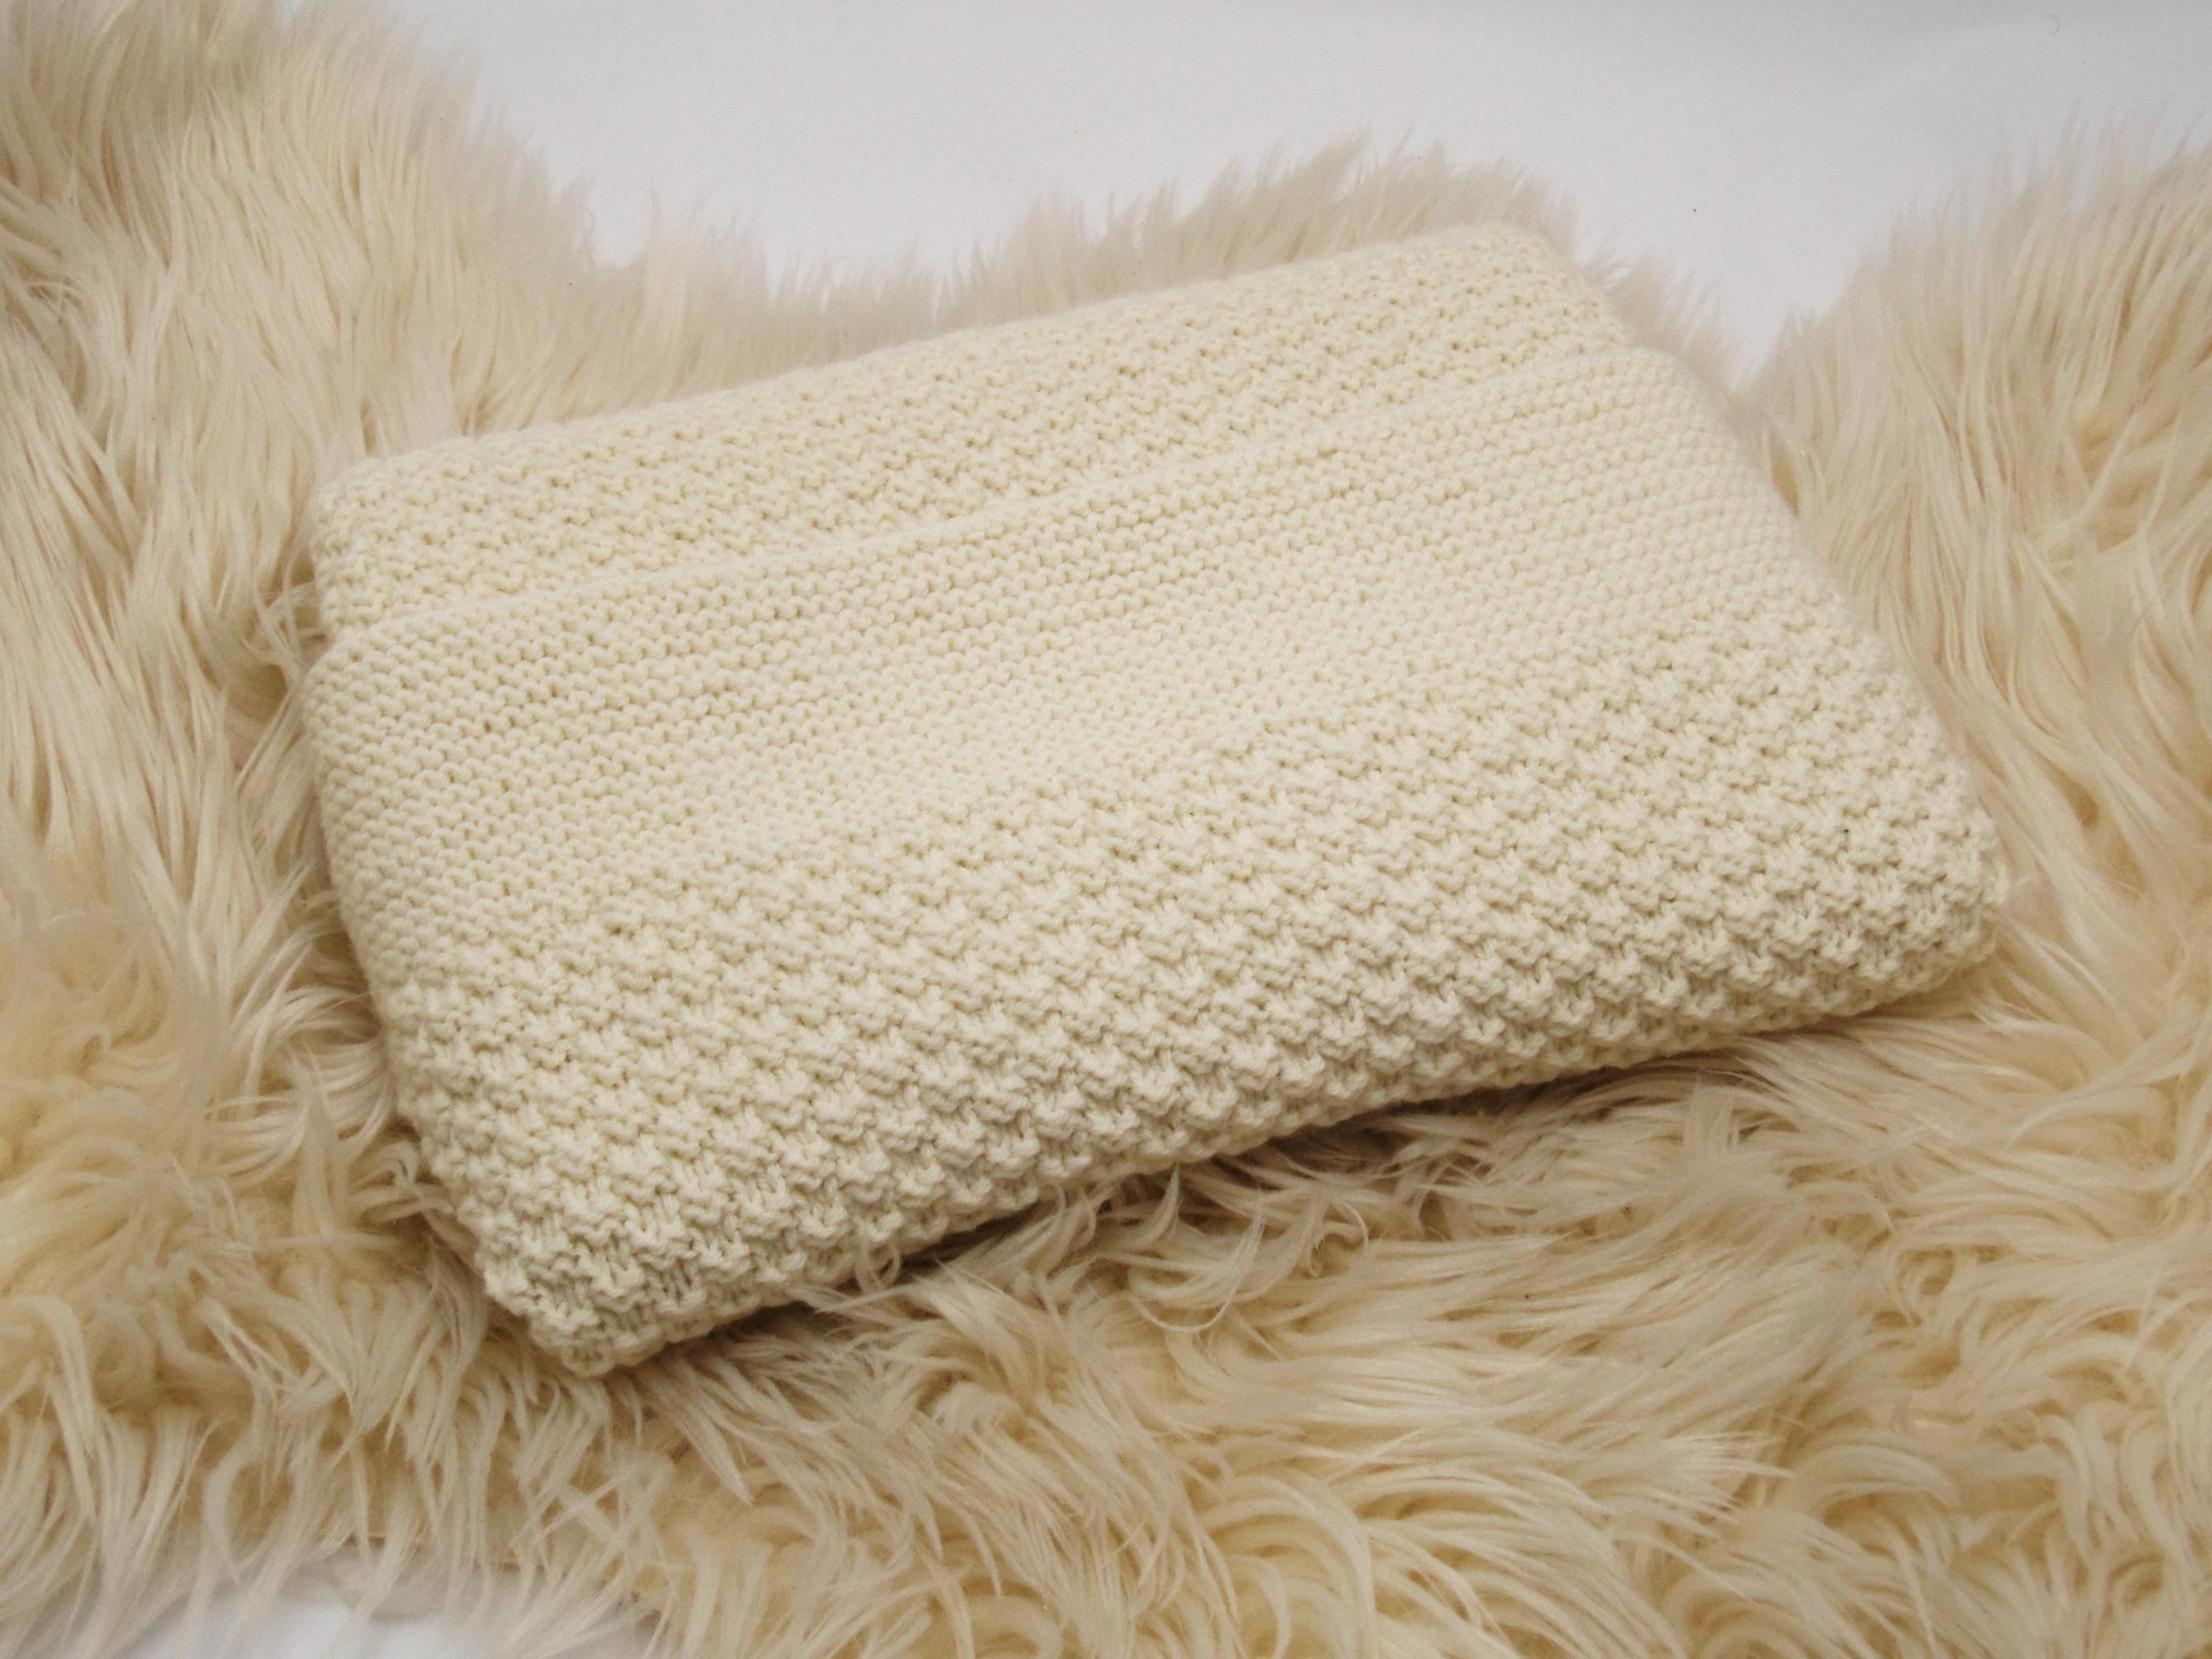 couverture en laine bébé couverture épaisse écru bébé tricotée main 100% laine mérinos naturel couverture en laine bébé